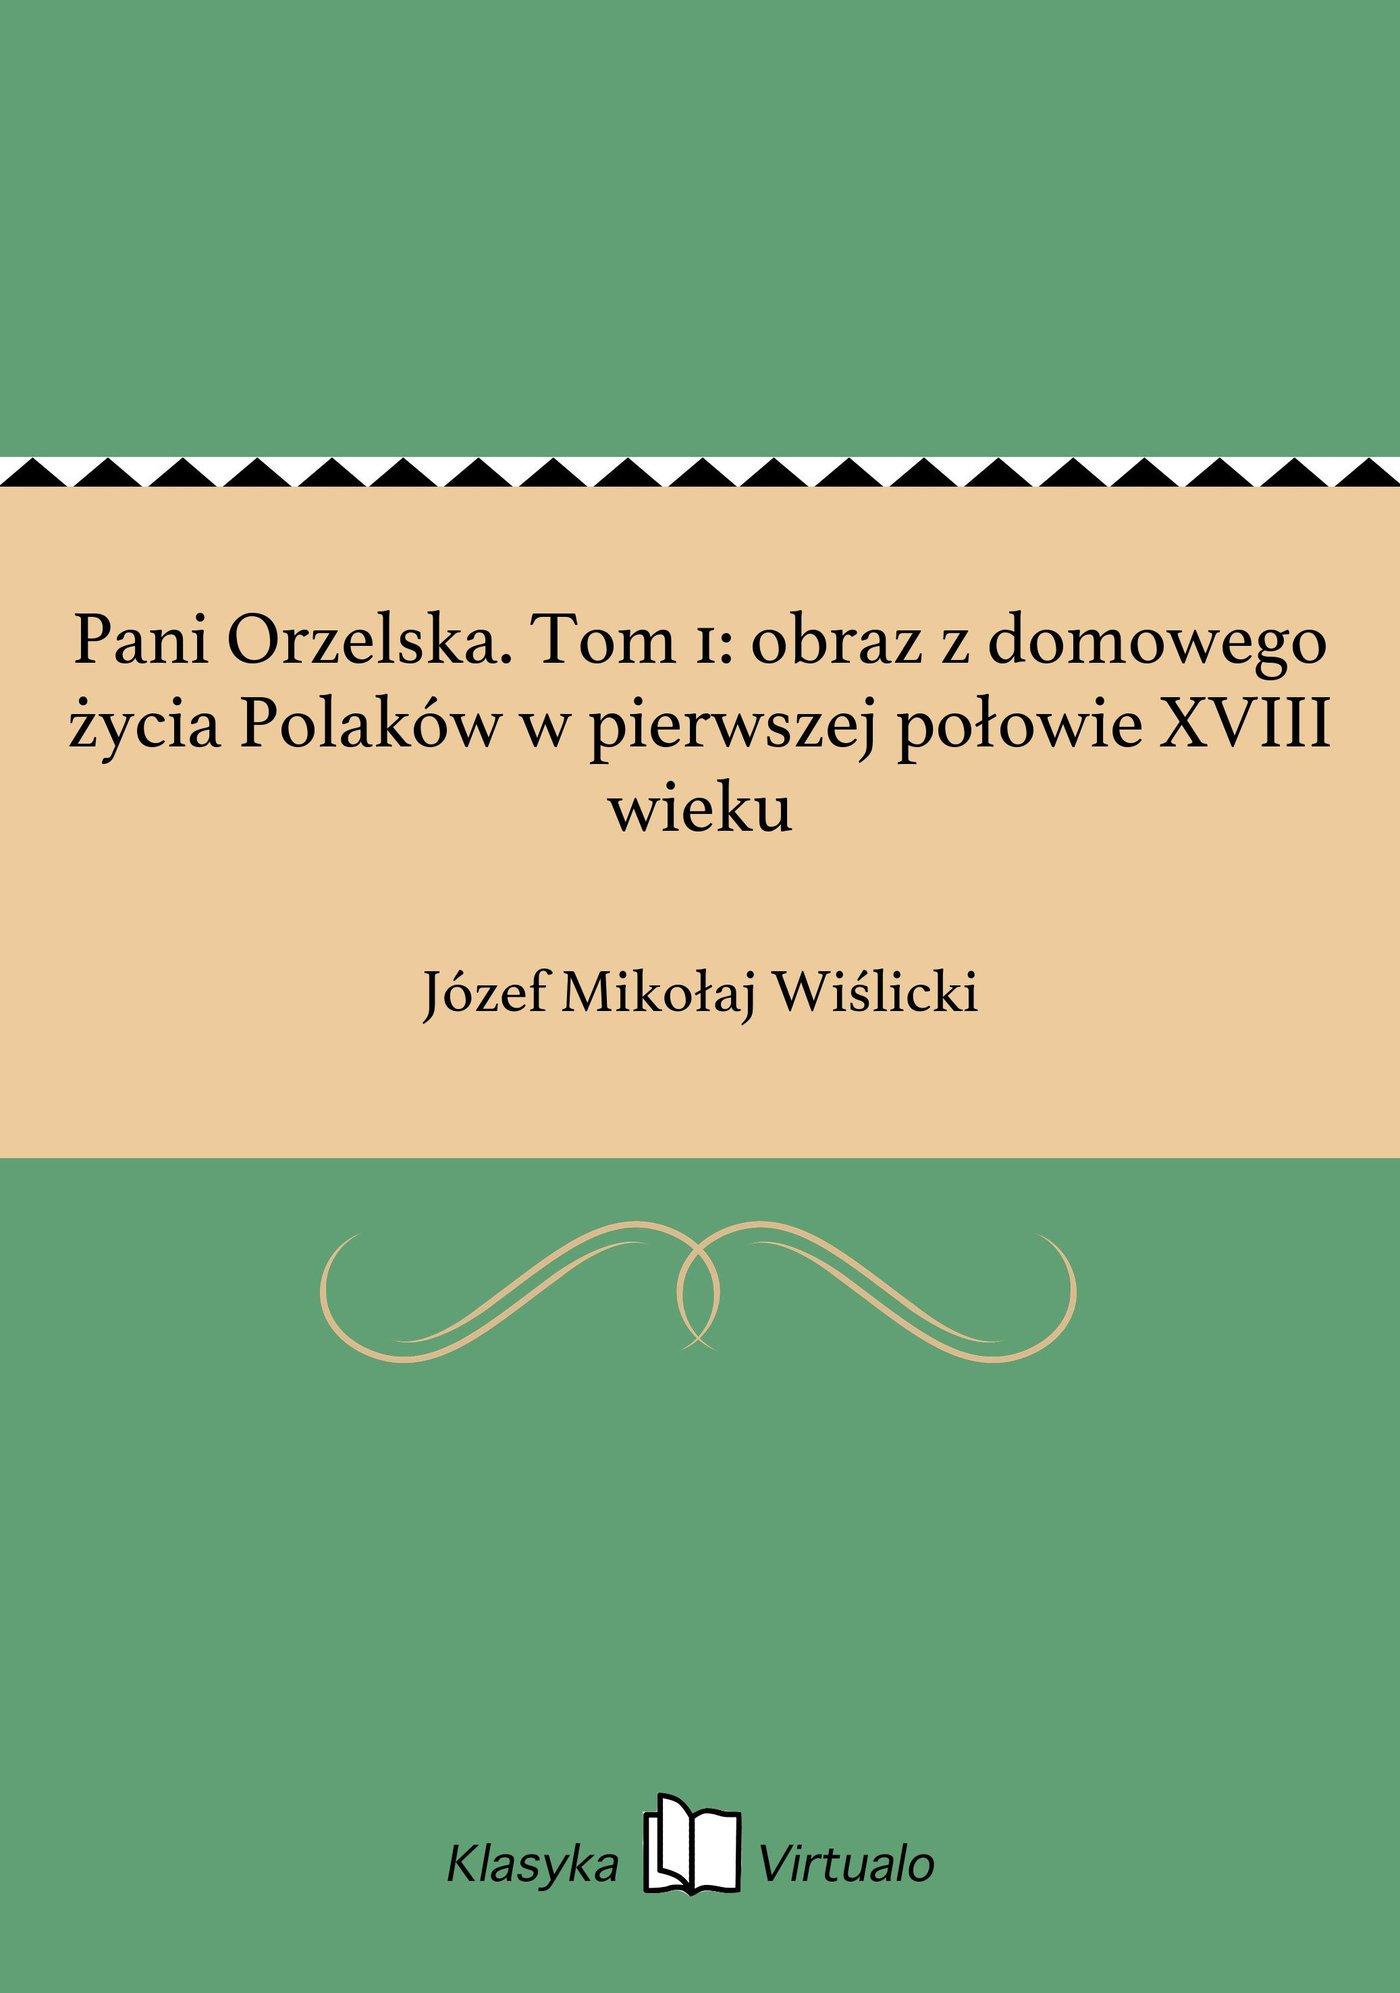 Pani Orzelska. Tom 1: obraz z domowego życia Polaków w pierwszej połowie XVIII wieku - Ebook (Książka EPUB) do pobrania w formacie EPUB